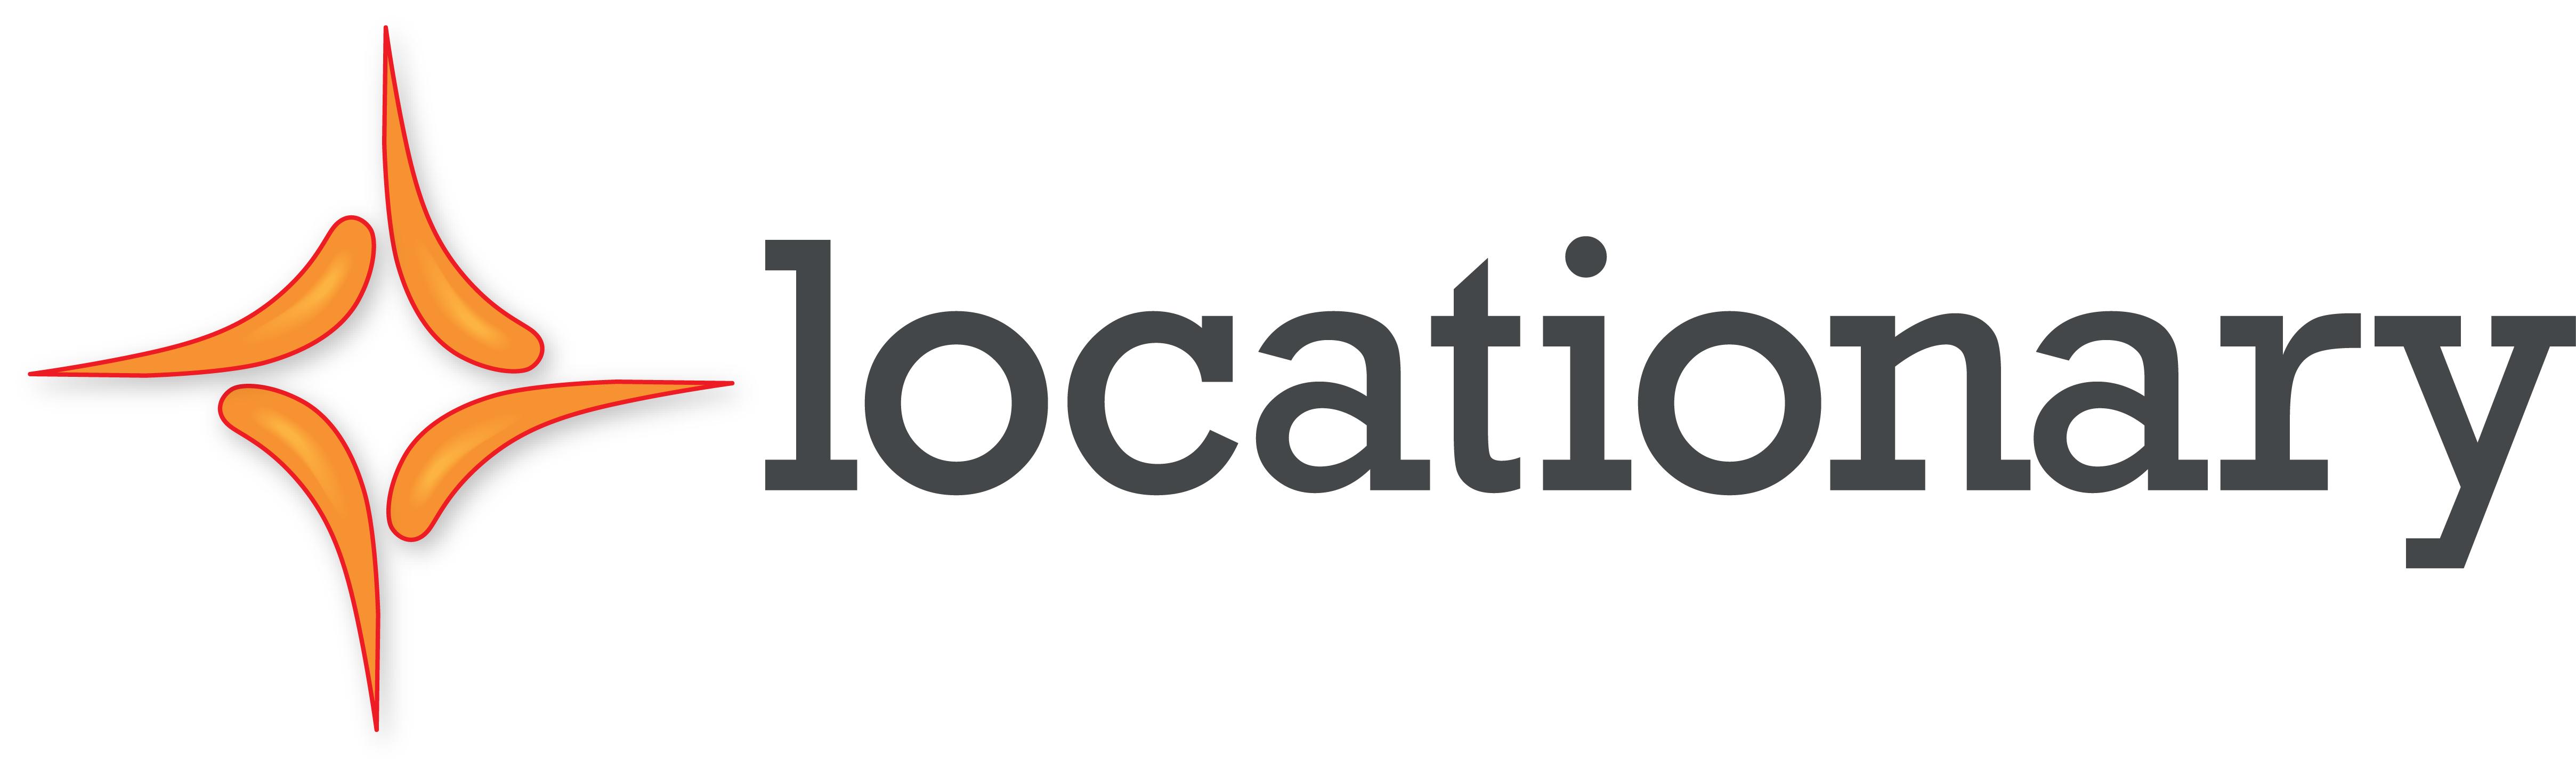 Logo da Locationary